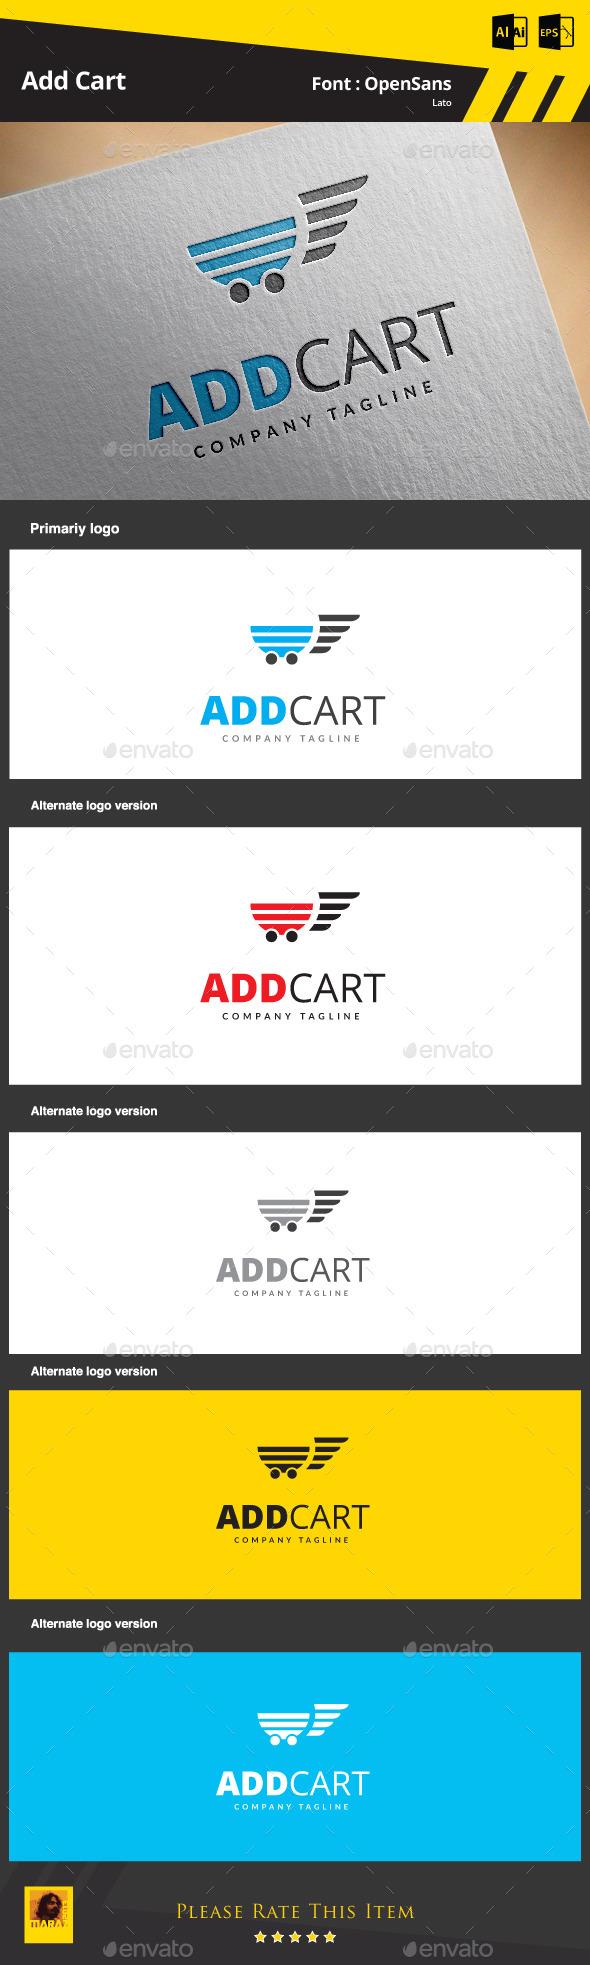 GraphicRiver Add Cart 9256608